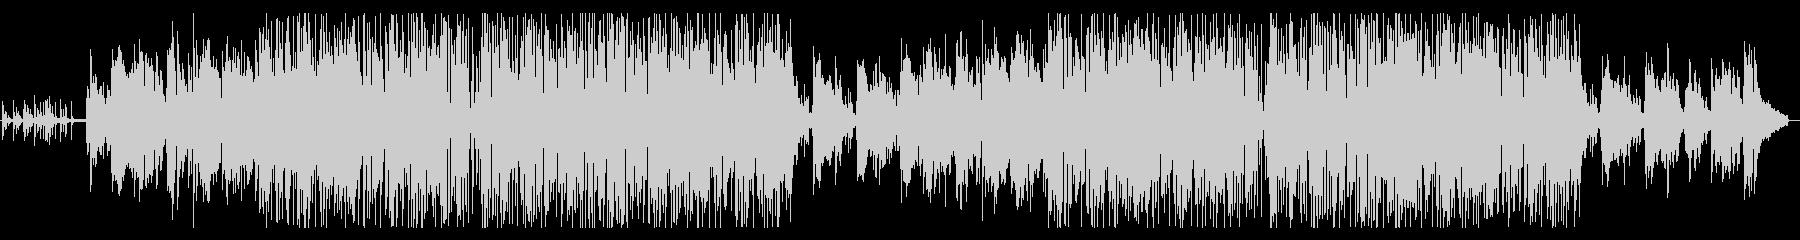 ピアノメロの落ち着いたスムースジャズの未再生の波形